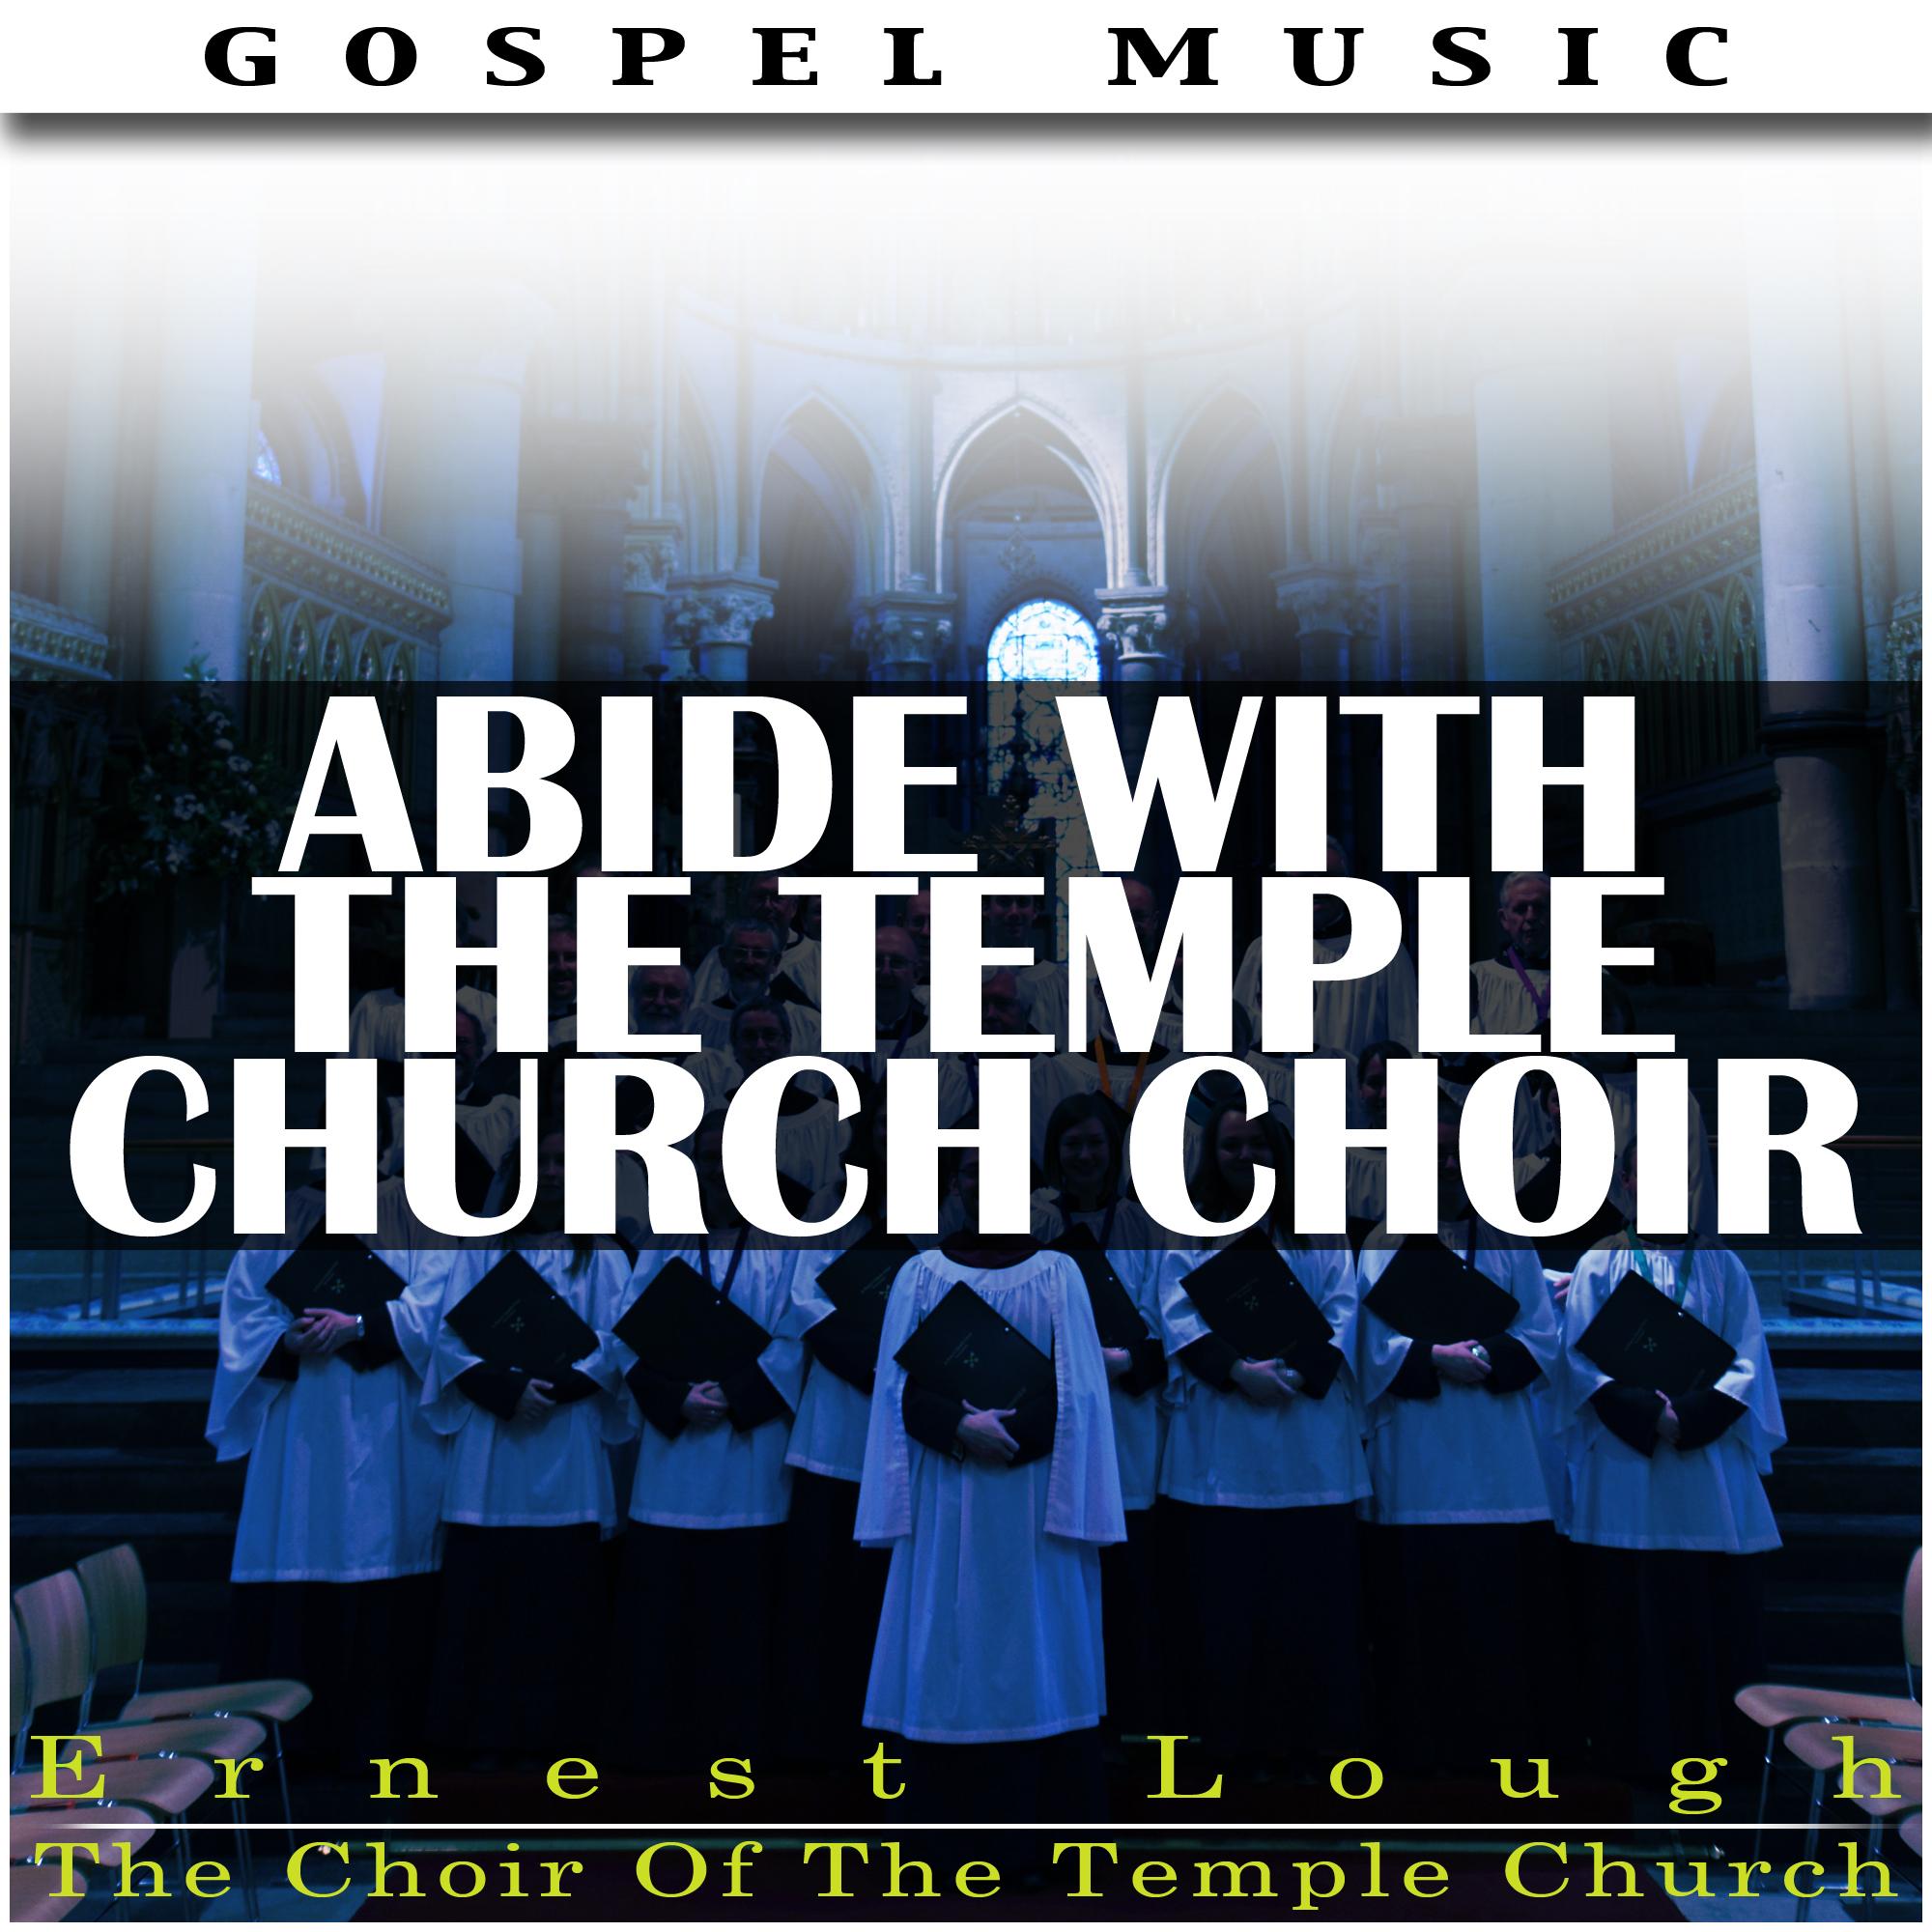 Ernest Lough: Abide With Temple Church Choir